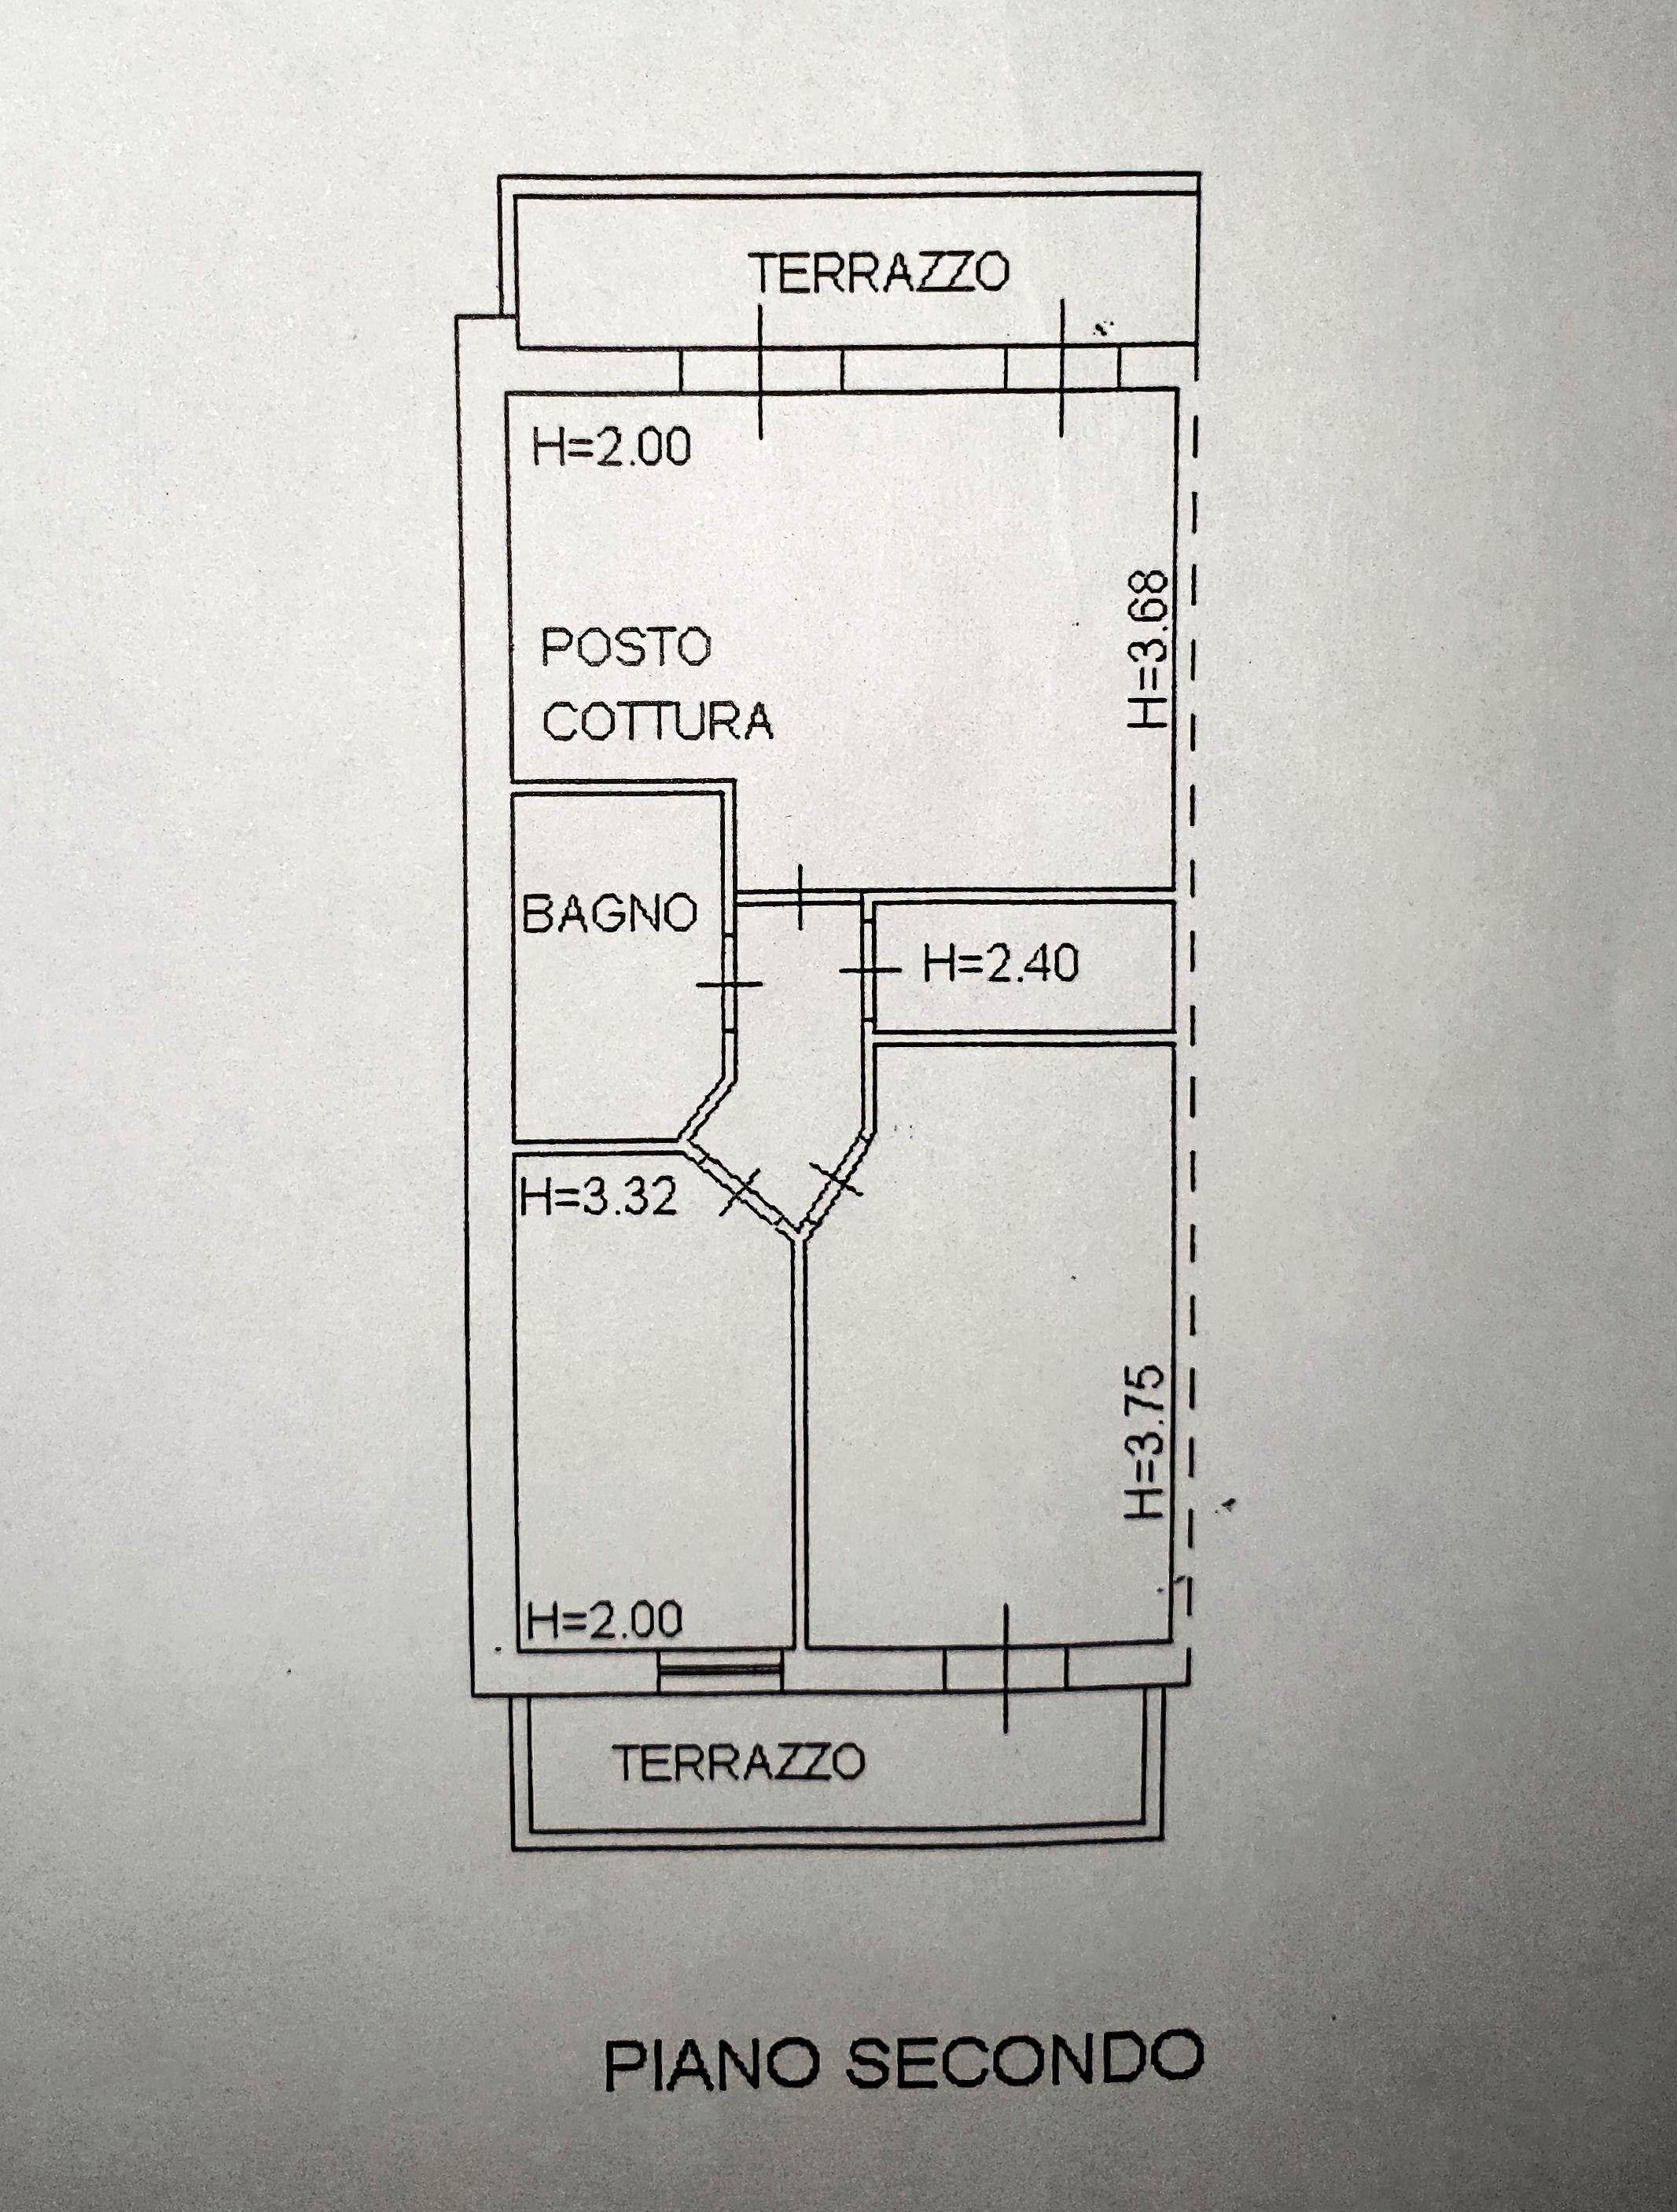 Appartamento in vendita, rif. 02441 (Planimetria 1/1)